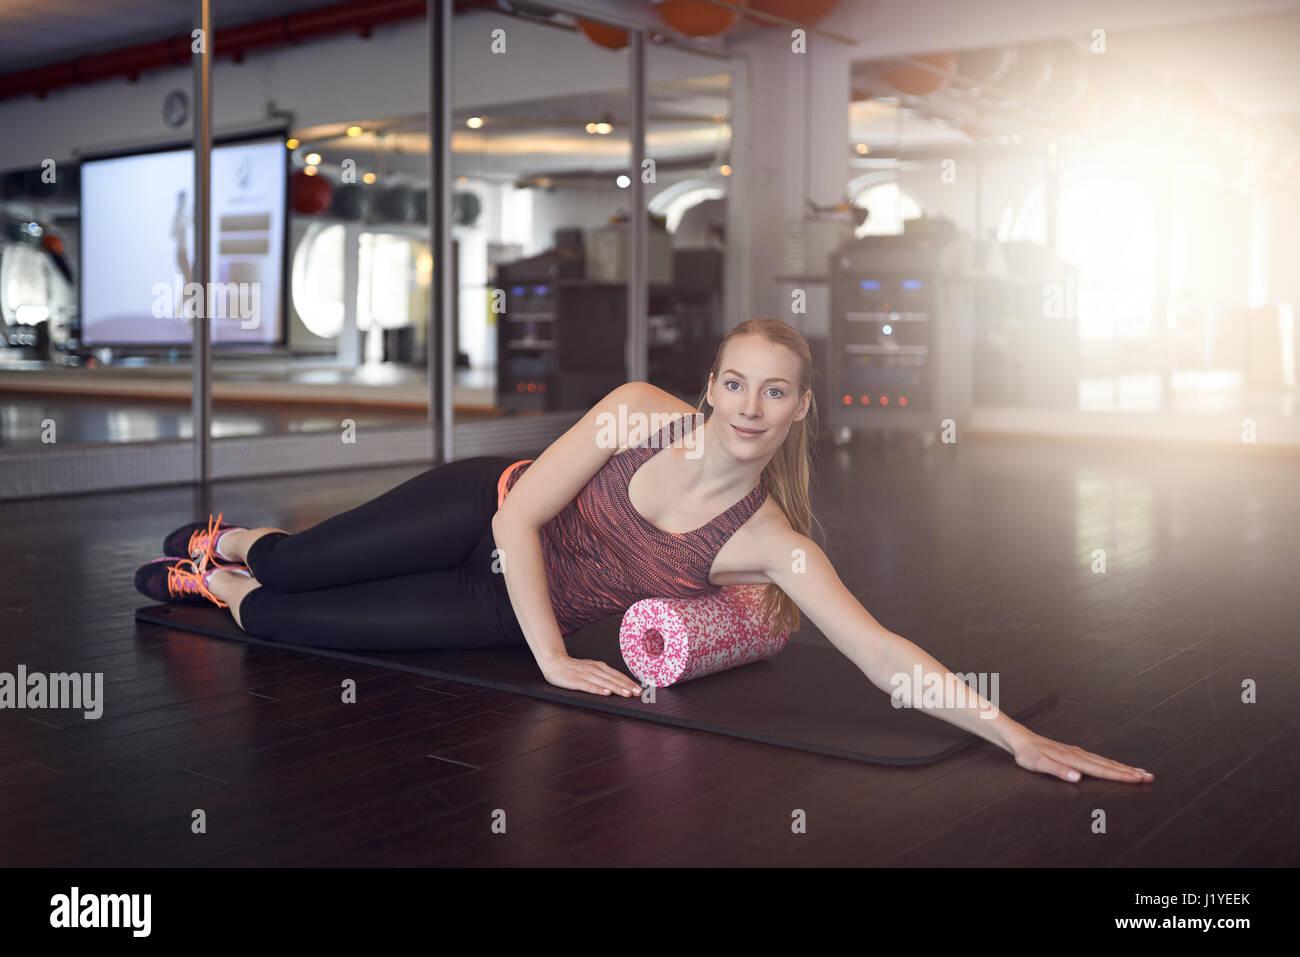 Mujer en camisetas sin mangas y pantalones negros en el gimnasio haciendo ejercicio con espuma o fascia roll y mirando Imagen De Stock